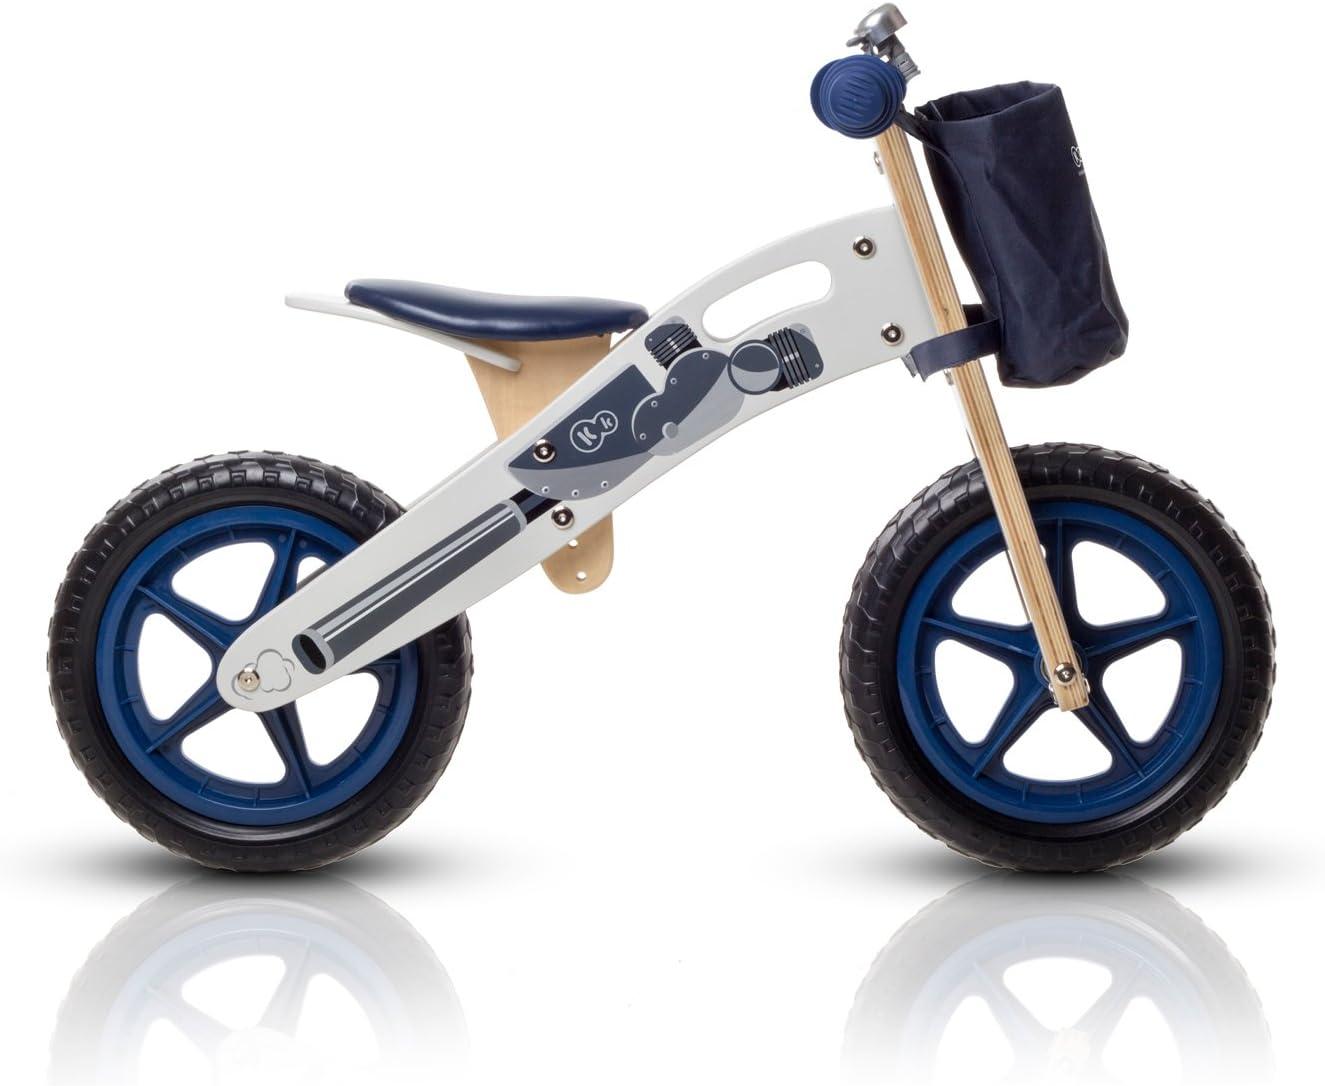 KinderKraft Niños Fuerza Runner Bicicleta de Madera sin Pedales con Campana de Bolsa y de 2 Colores: Amazon.es: Juguetes y juegos